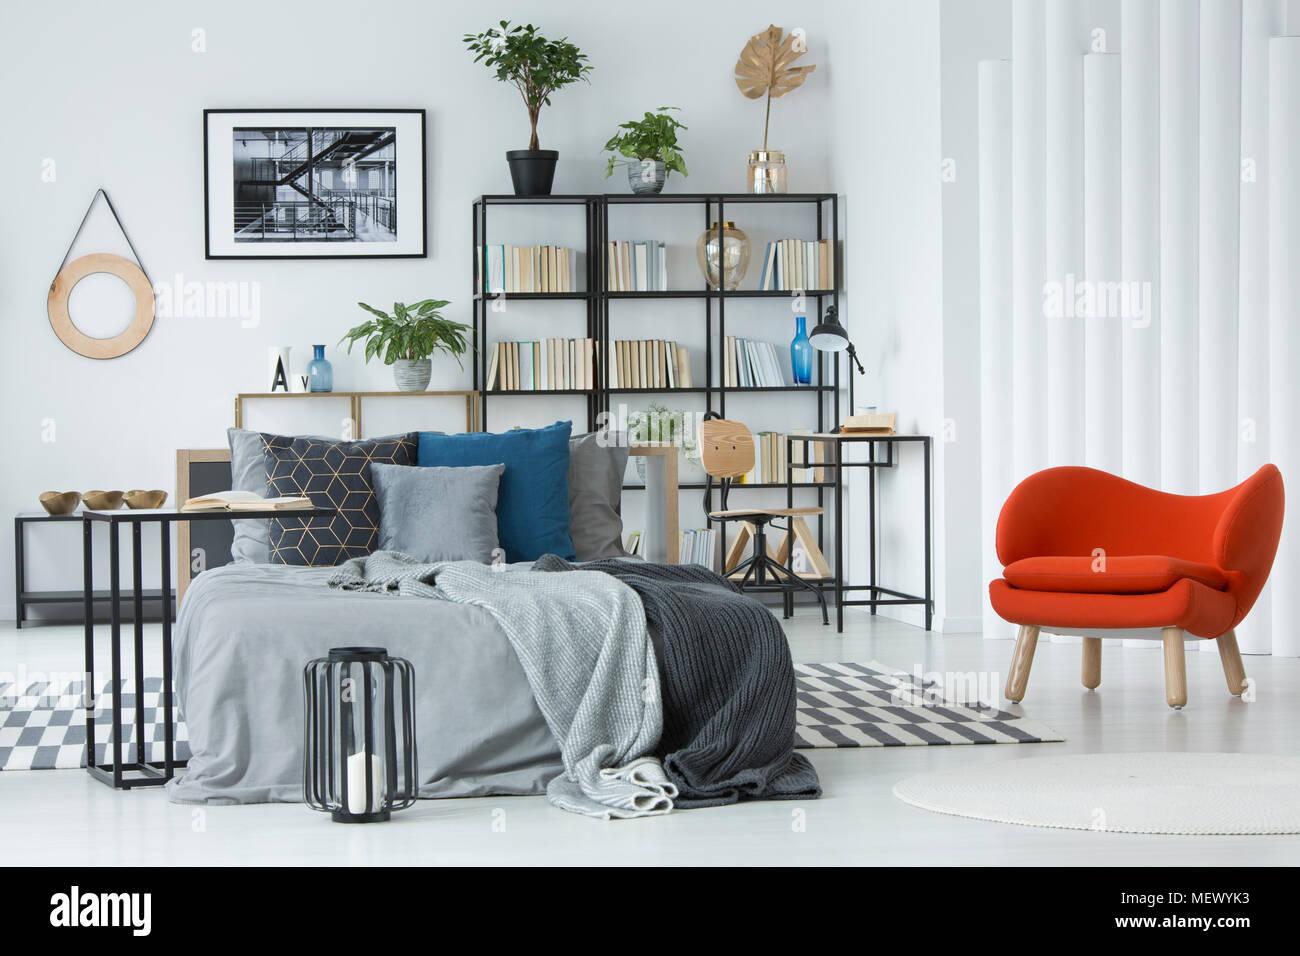 Fauteuil orange à côté du lit dans la chambre grise avec intérieur ...